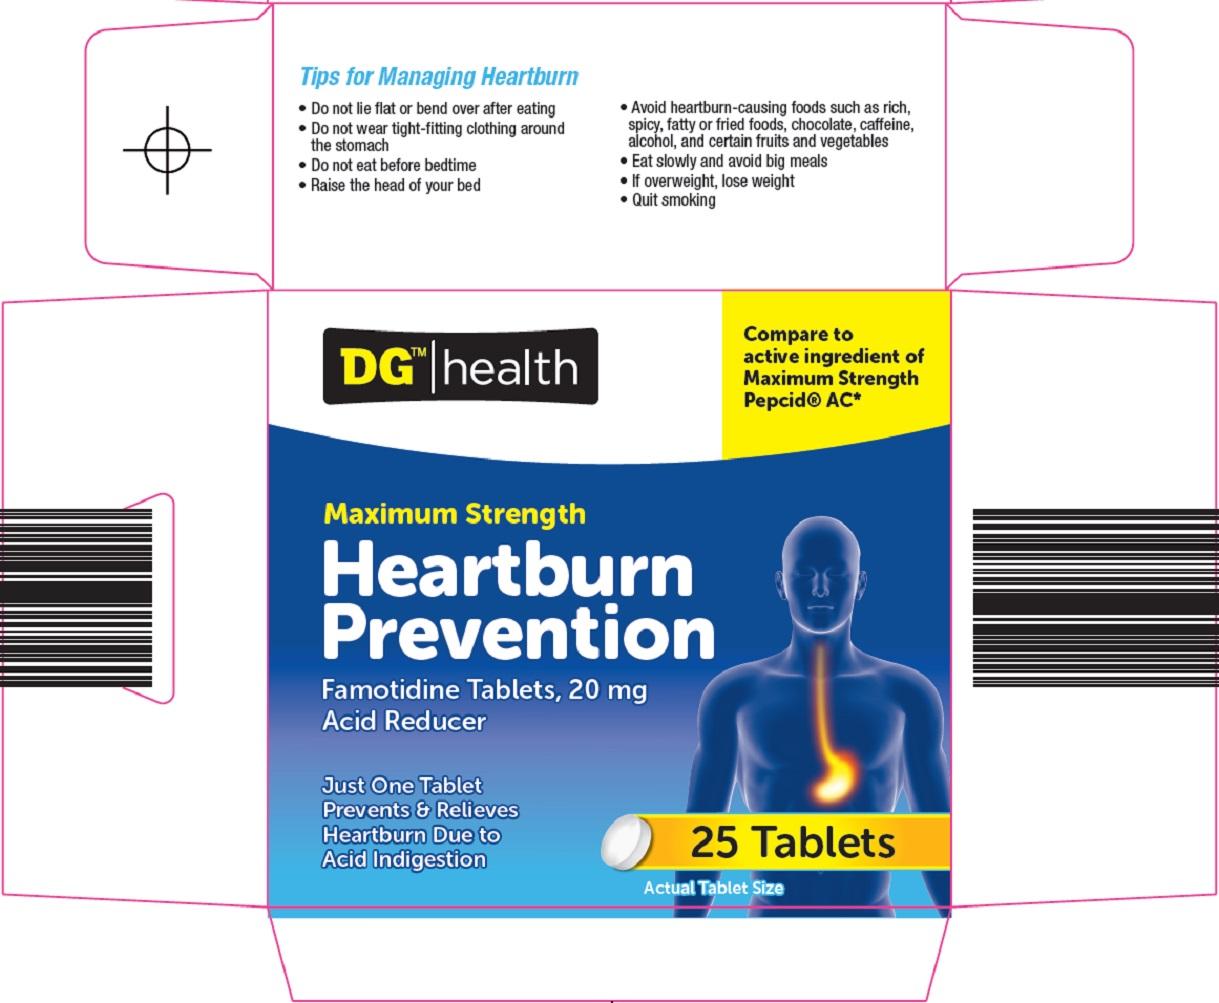 DG Health Heartburn Prevention Image 1